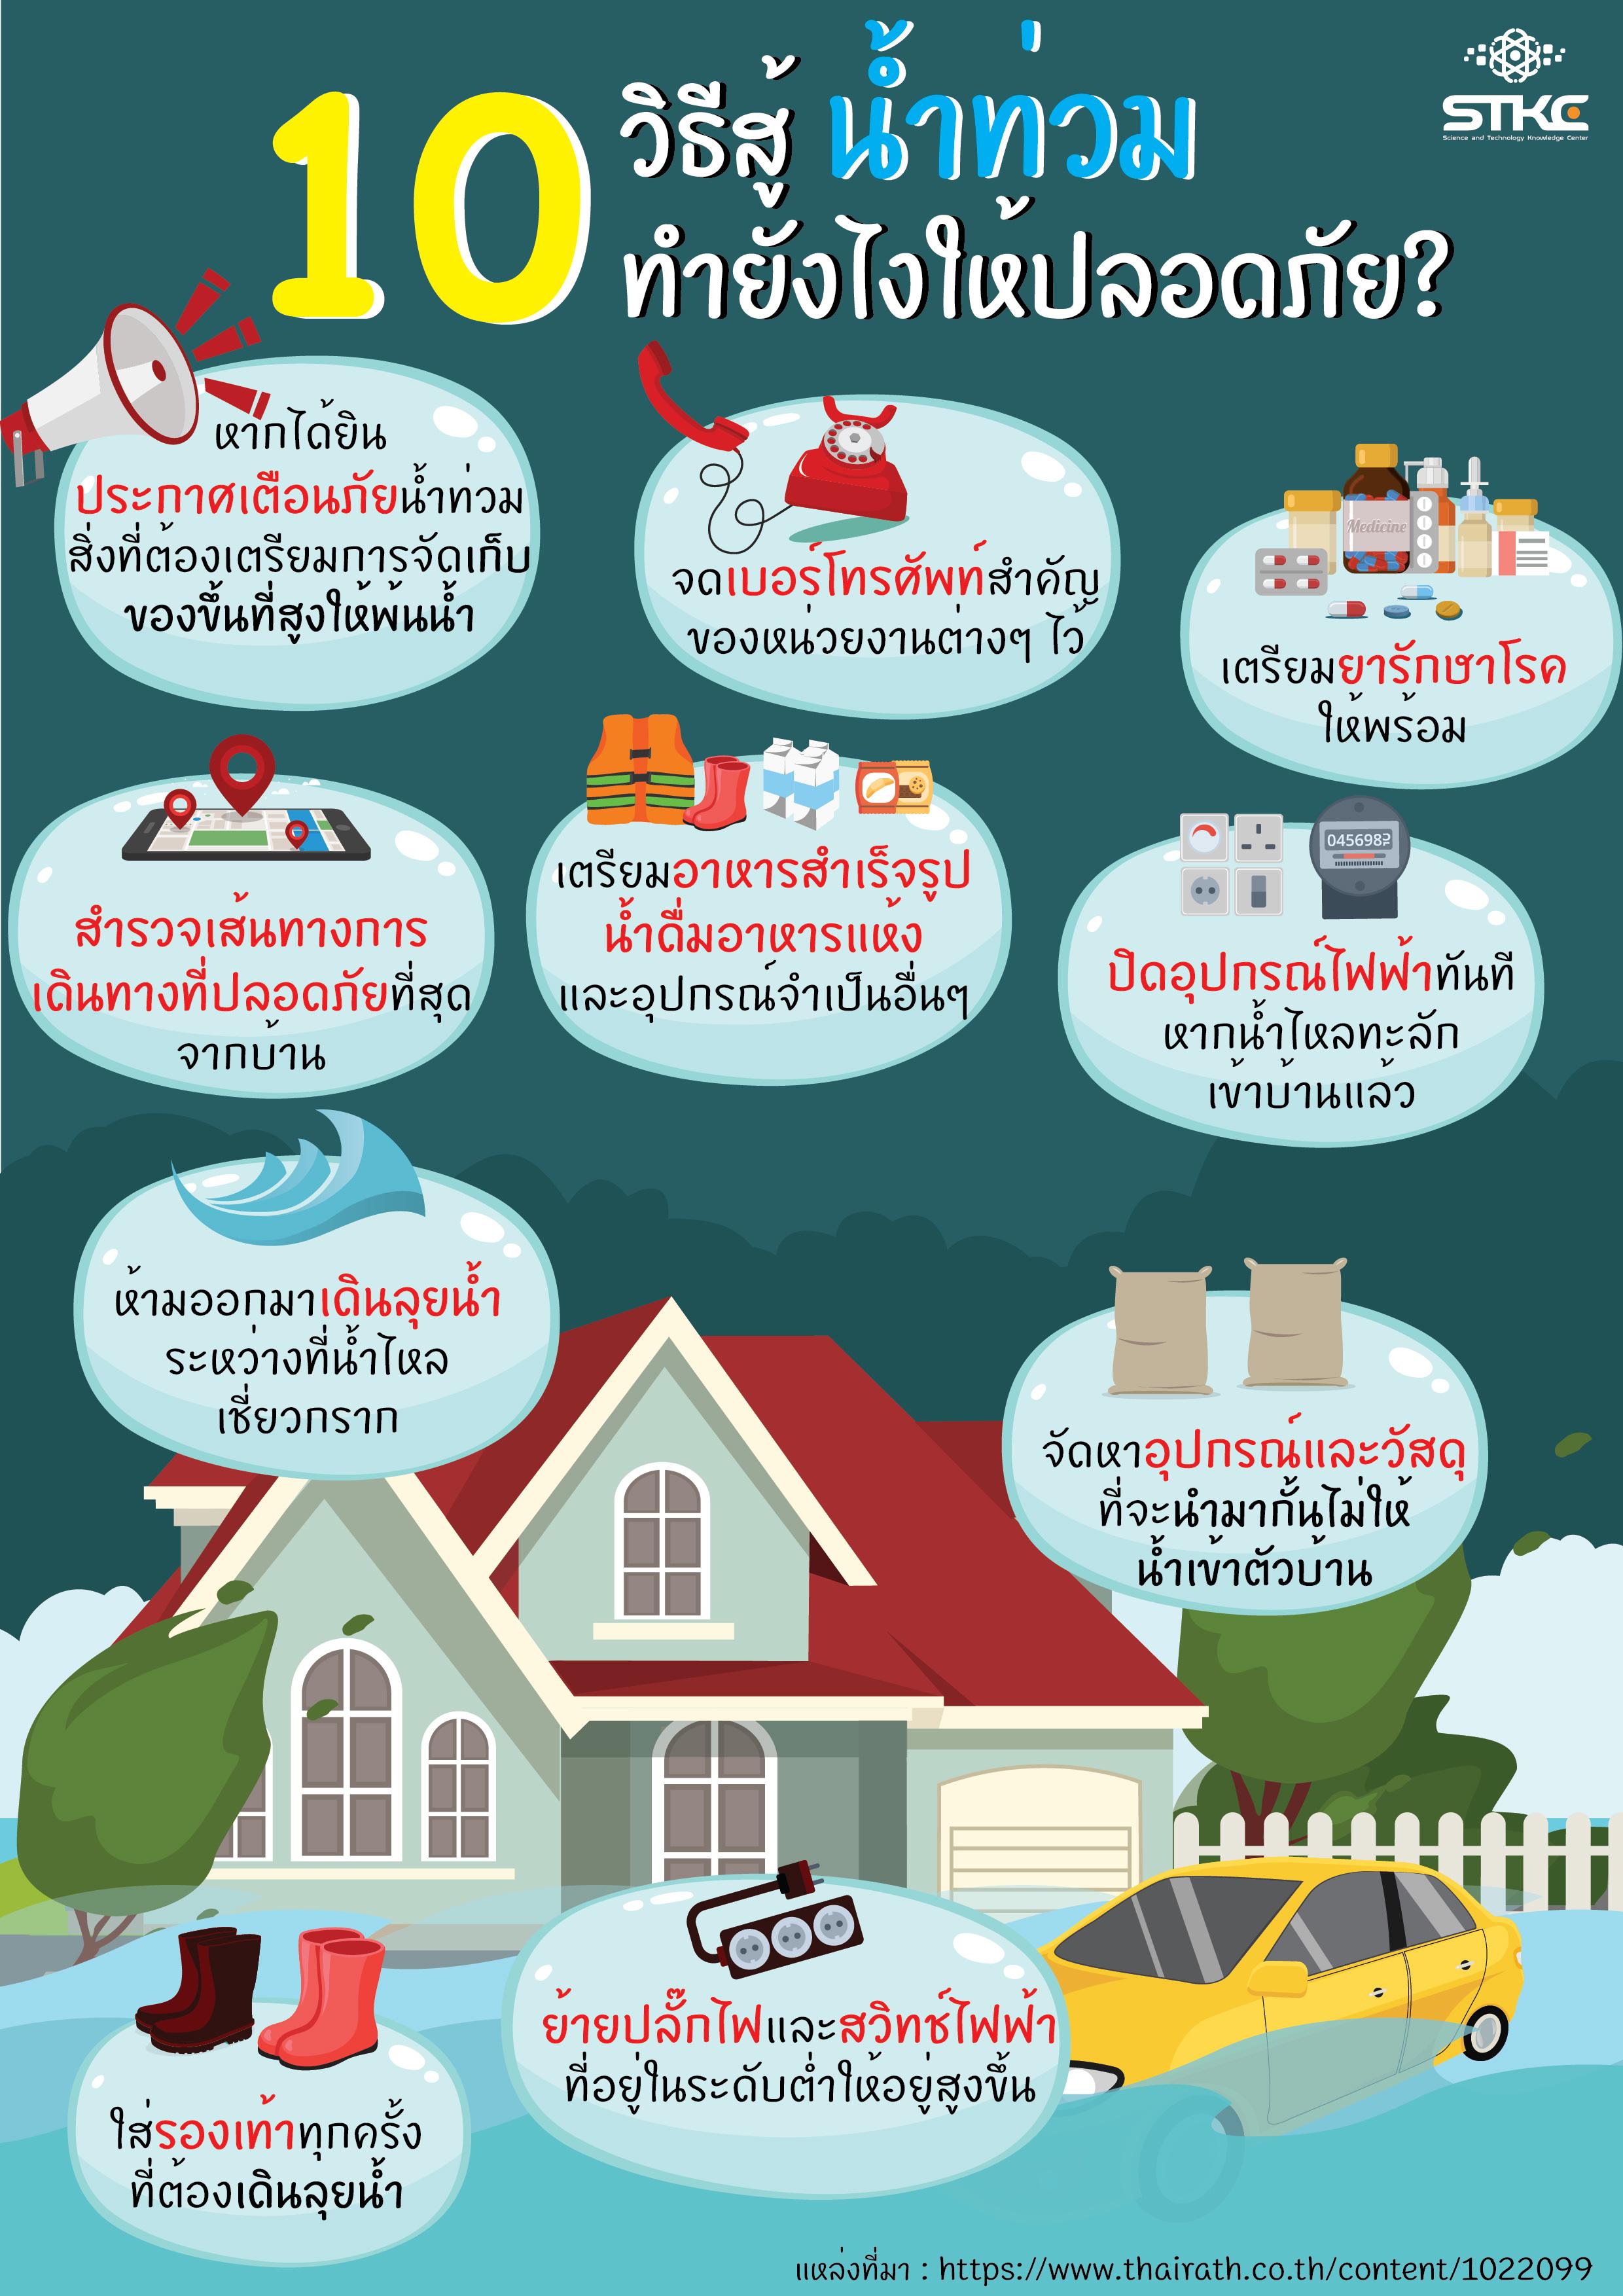 10 วิธีสู้ 'น้ำท่วม' ทำยังไงให้ปลอดภัย?